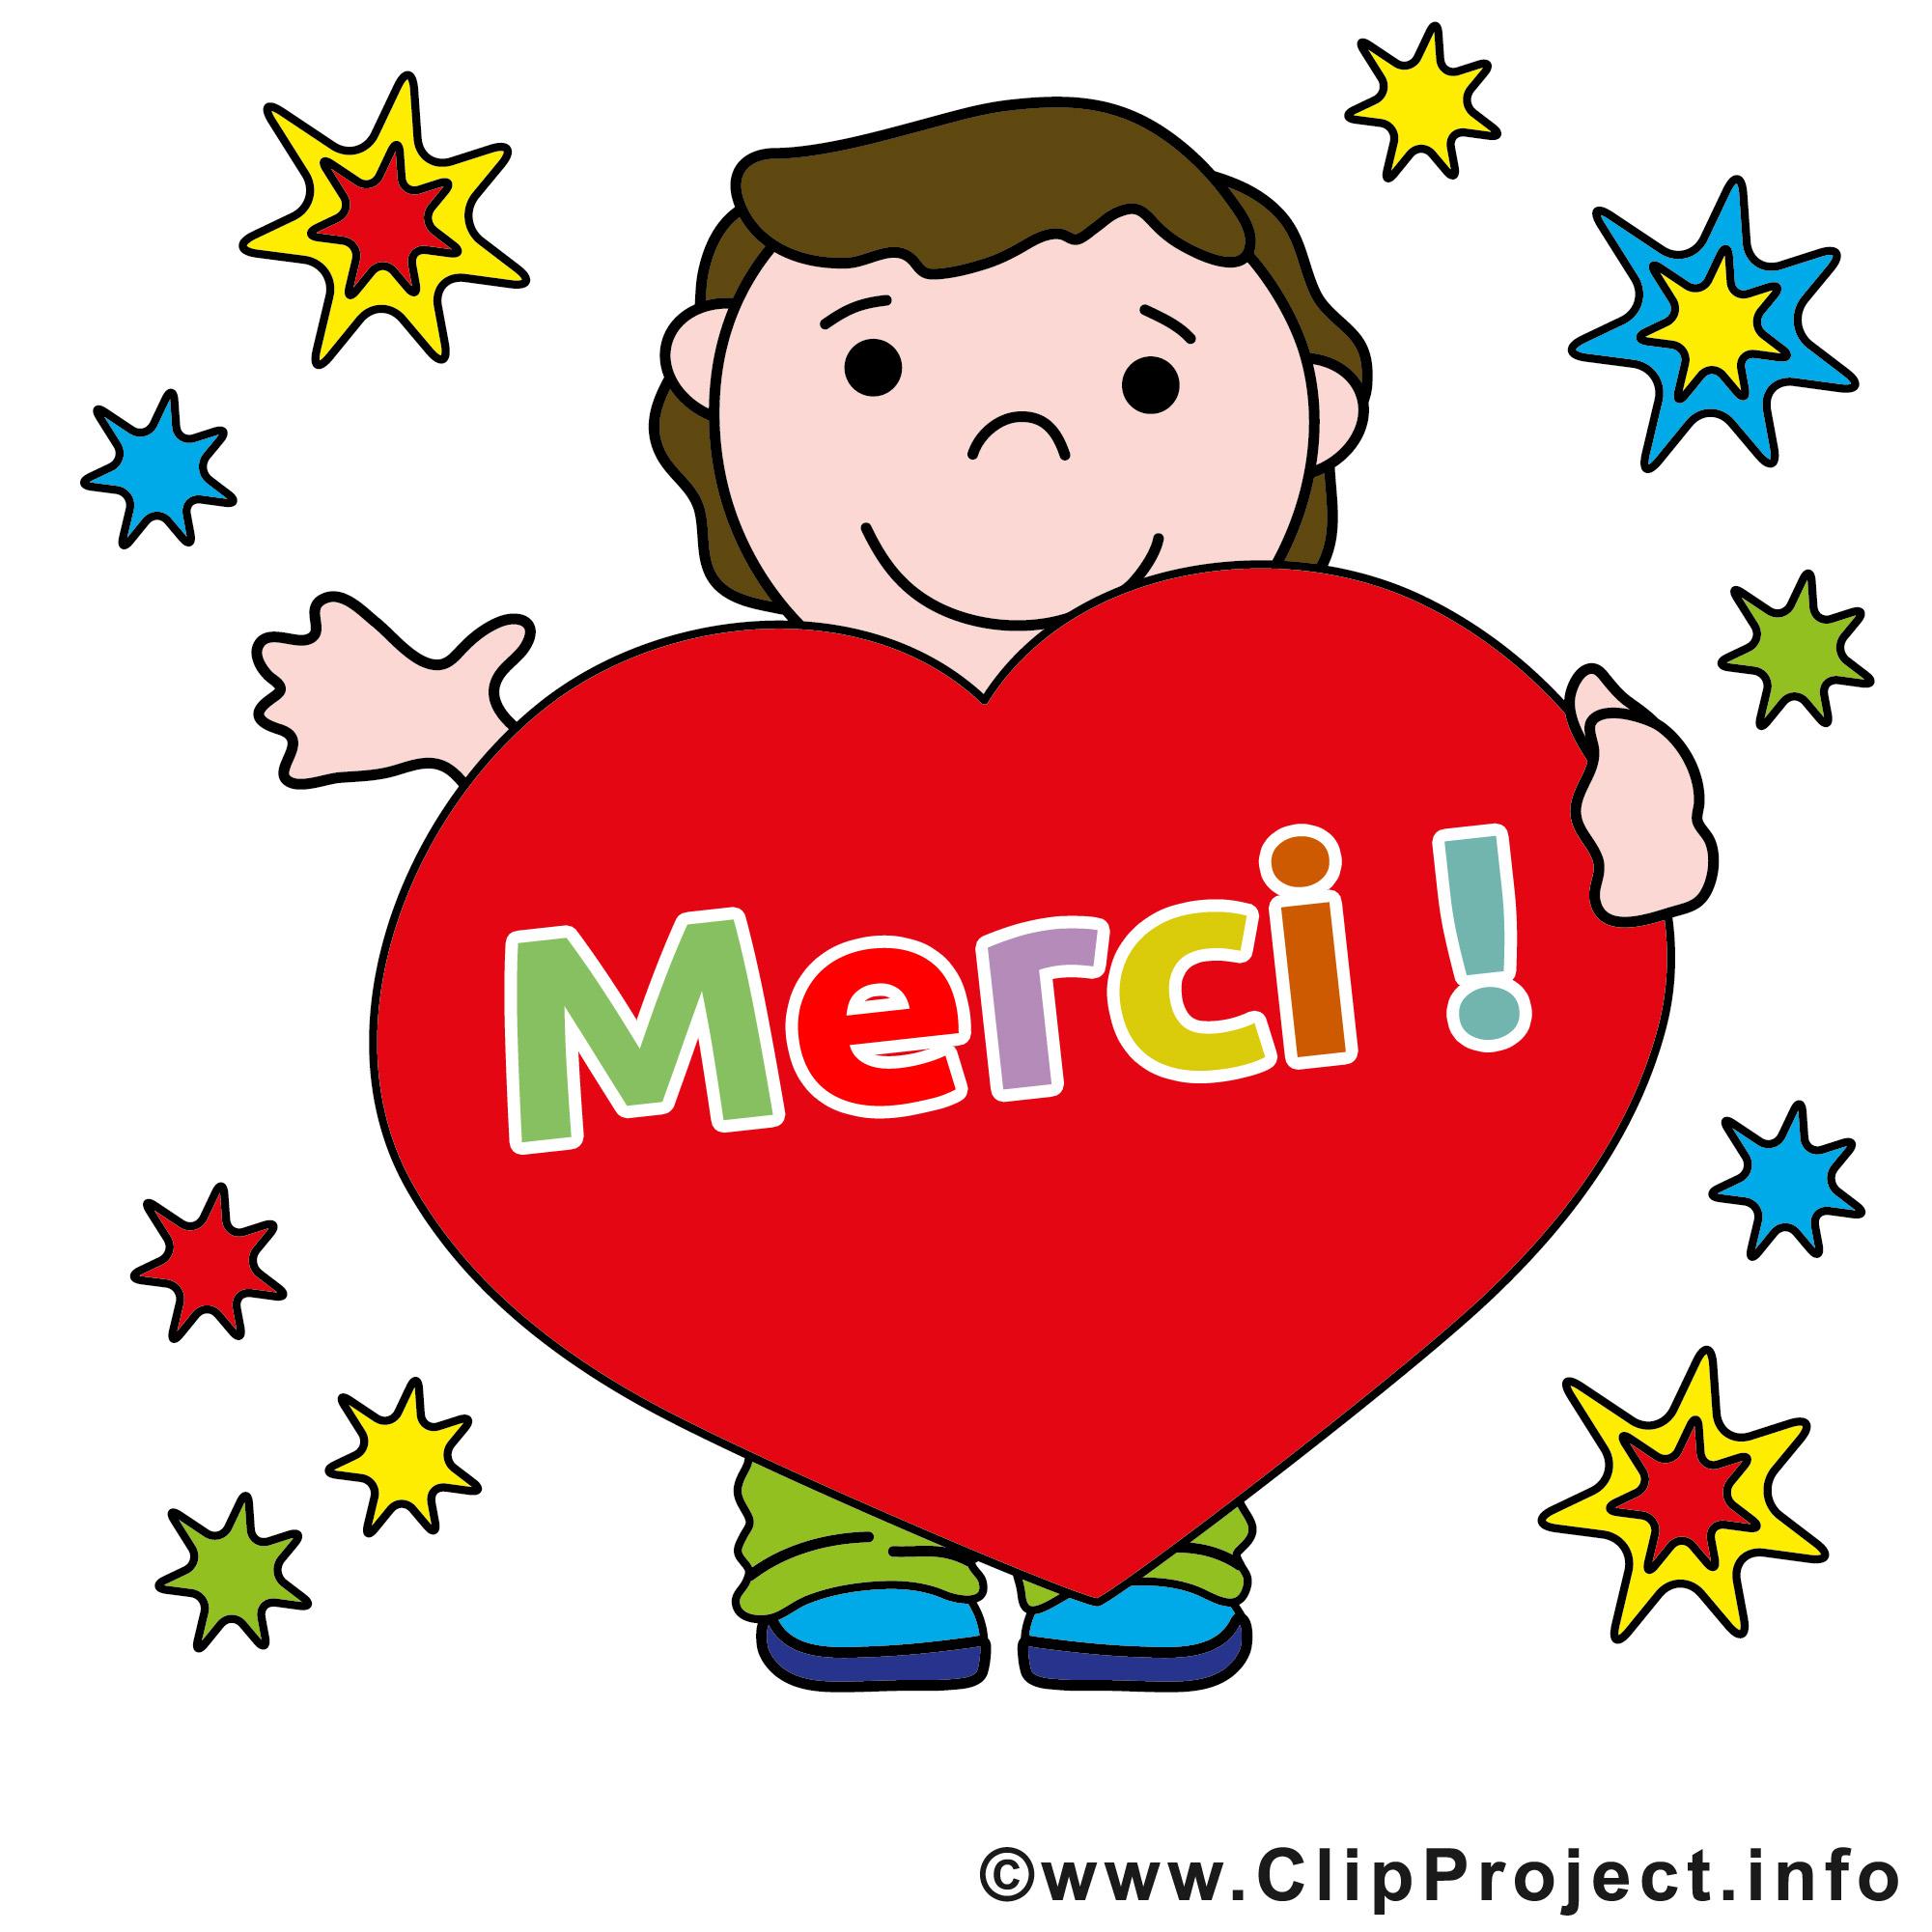 Gar on coeur images gratuites merci clipart merci dessin picture image graphic clip art - Images coeur gratuites ...